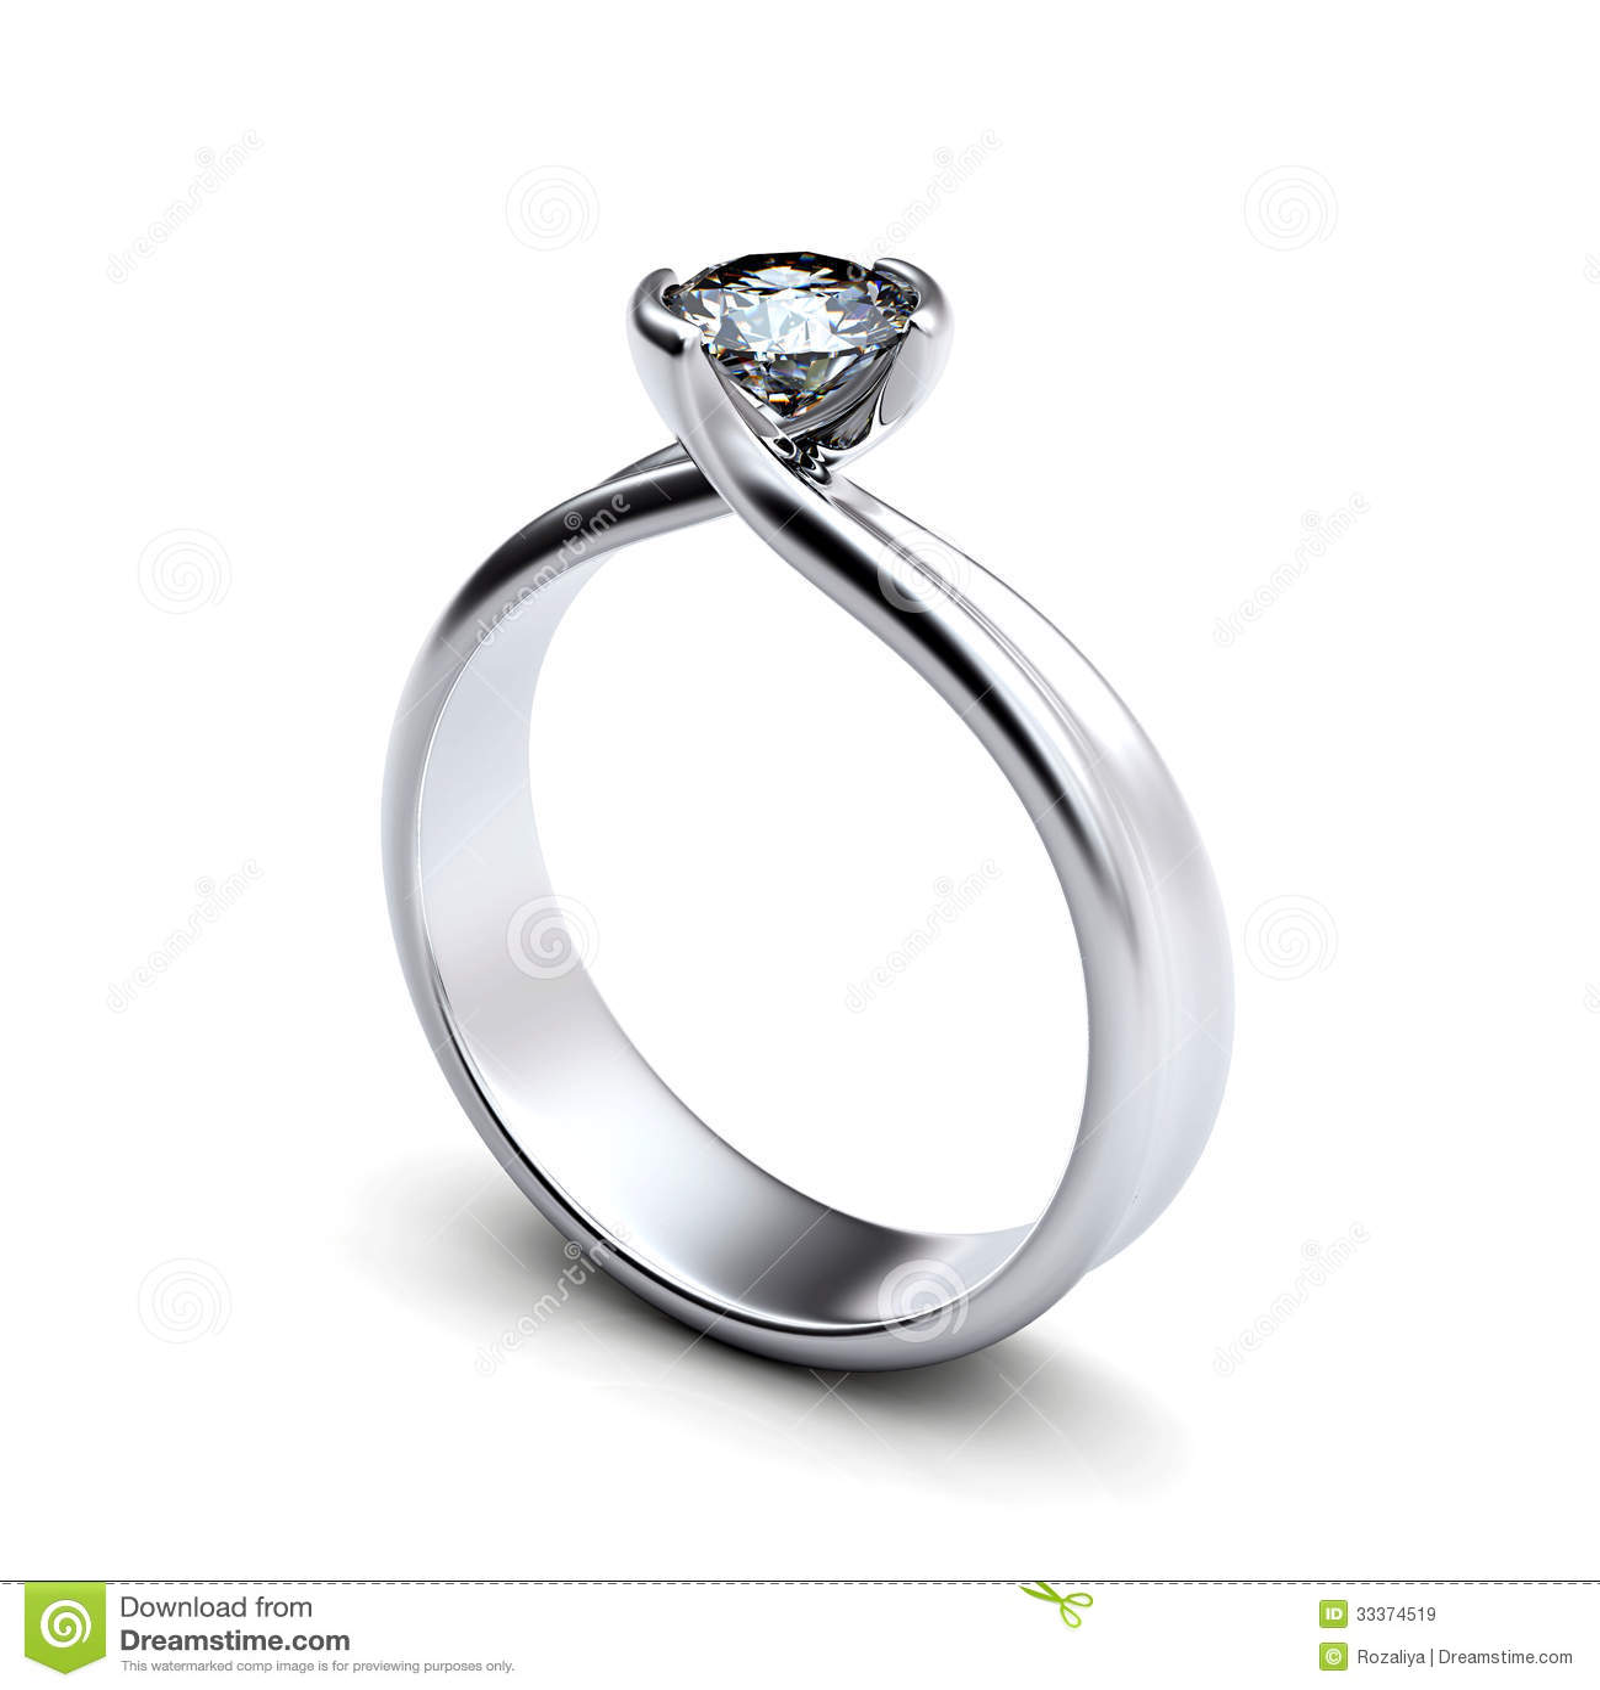 royalty free stock images wedding ring diamond isolated white background image wedding ring diamond Wedding Ring with diamond